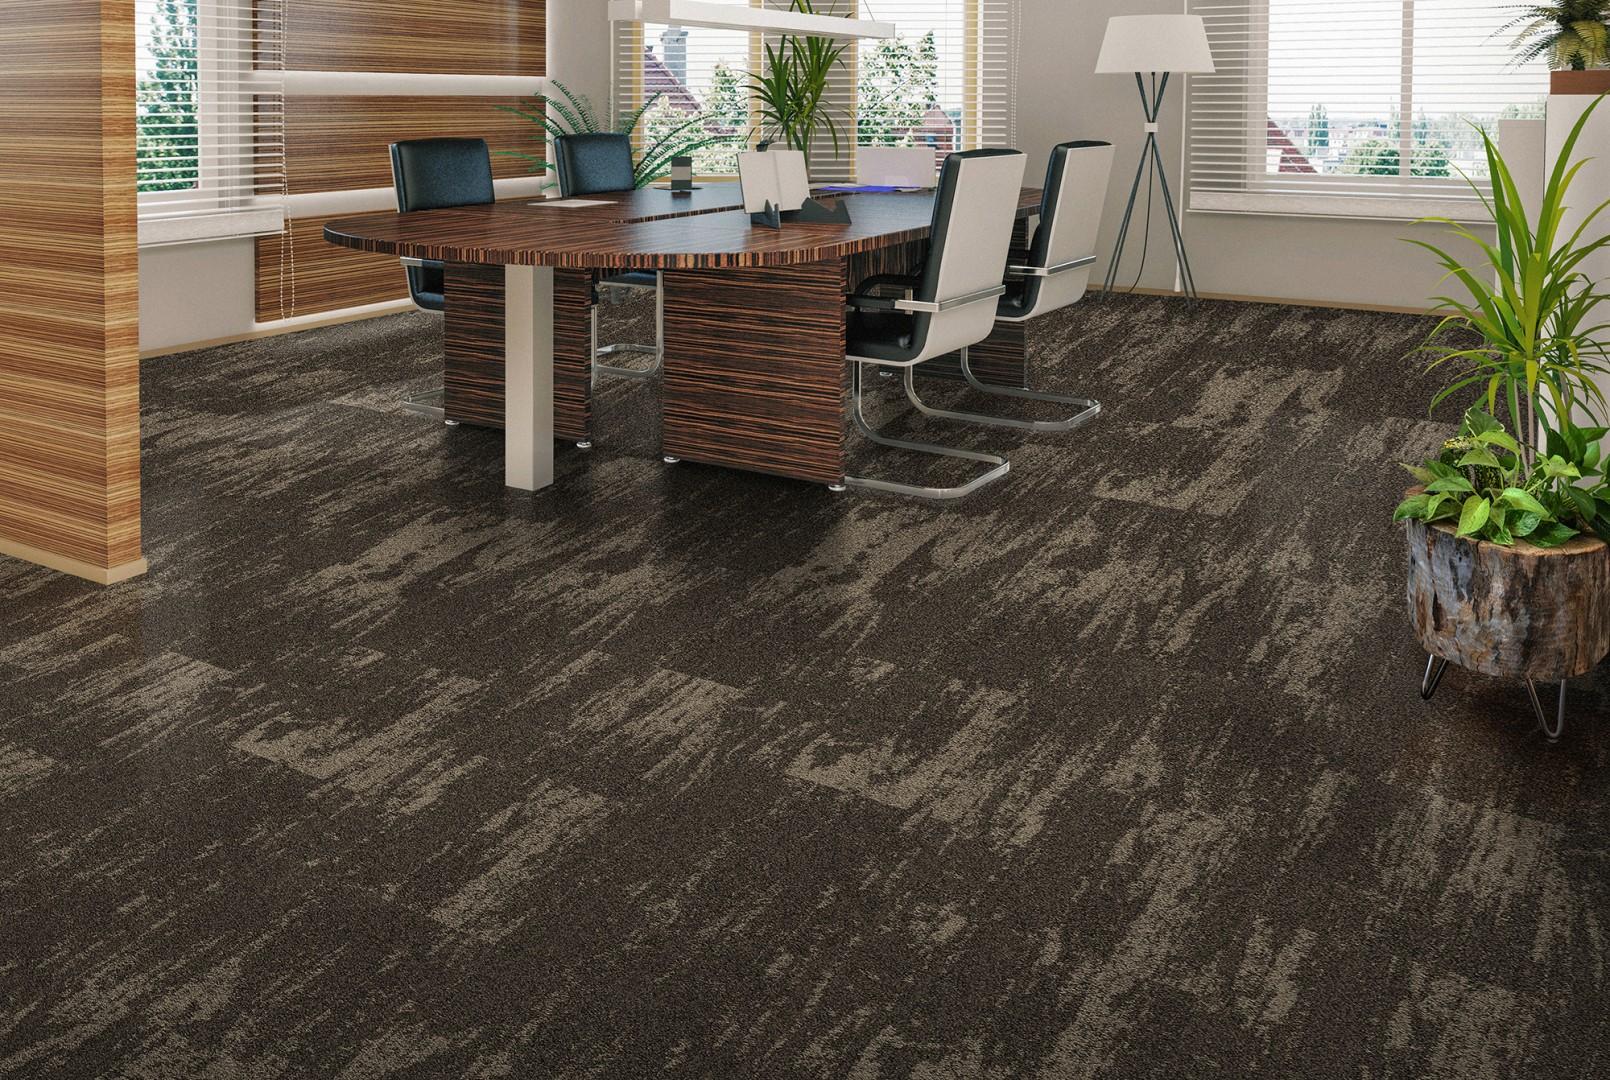 Natural Bark Belgotex Carpet Amp Flooring Nz